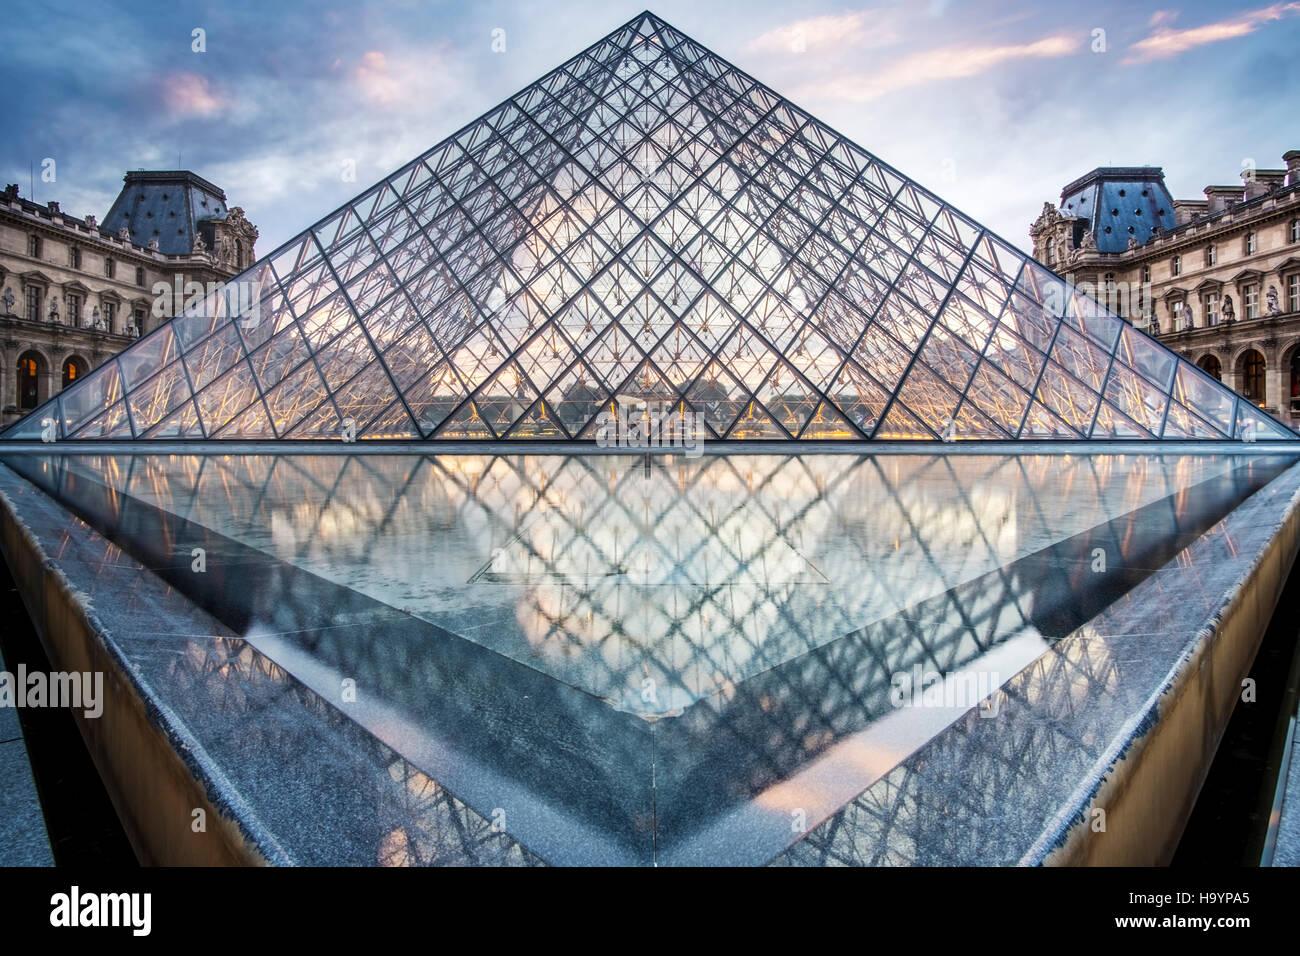 La piramide di vetro ingresso del Louvre, progettato dall'architetto I.M.Pei. Sera shot in estate. Immagini Stock